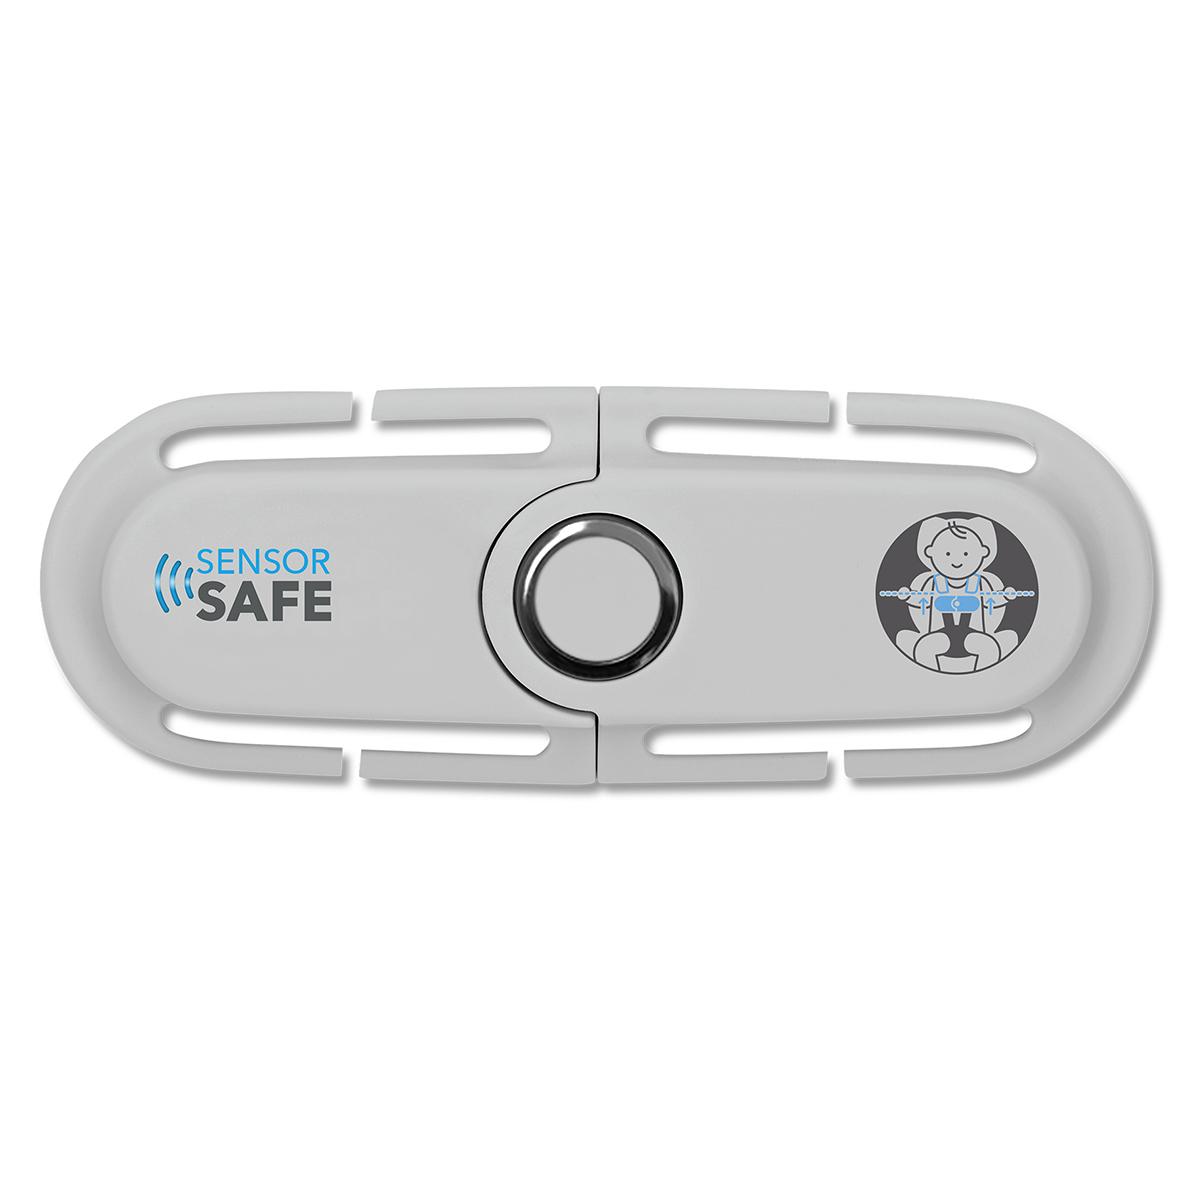 Sécurité Kit de sécurité Sensorsafe Groupe 0+/1 Kit de sécurité Sensorsafe Groupe 0+/1